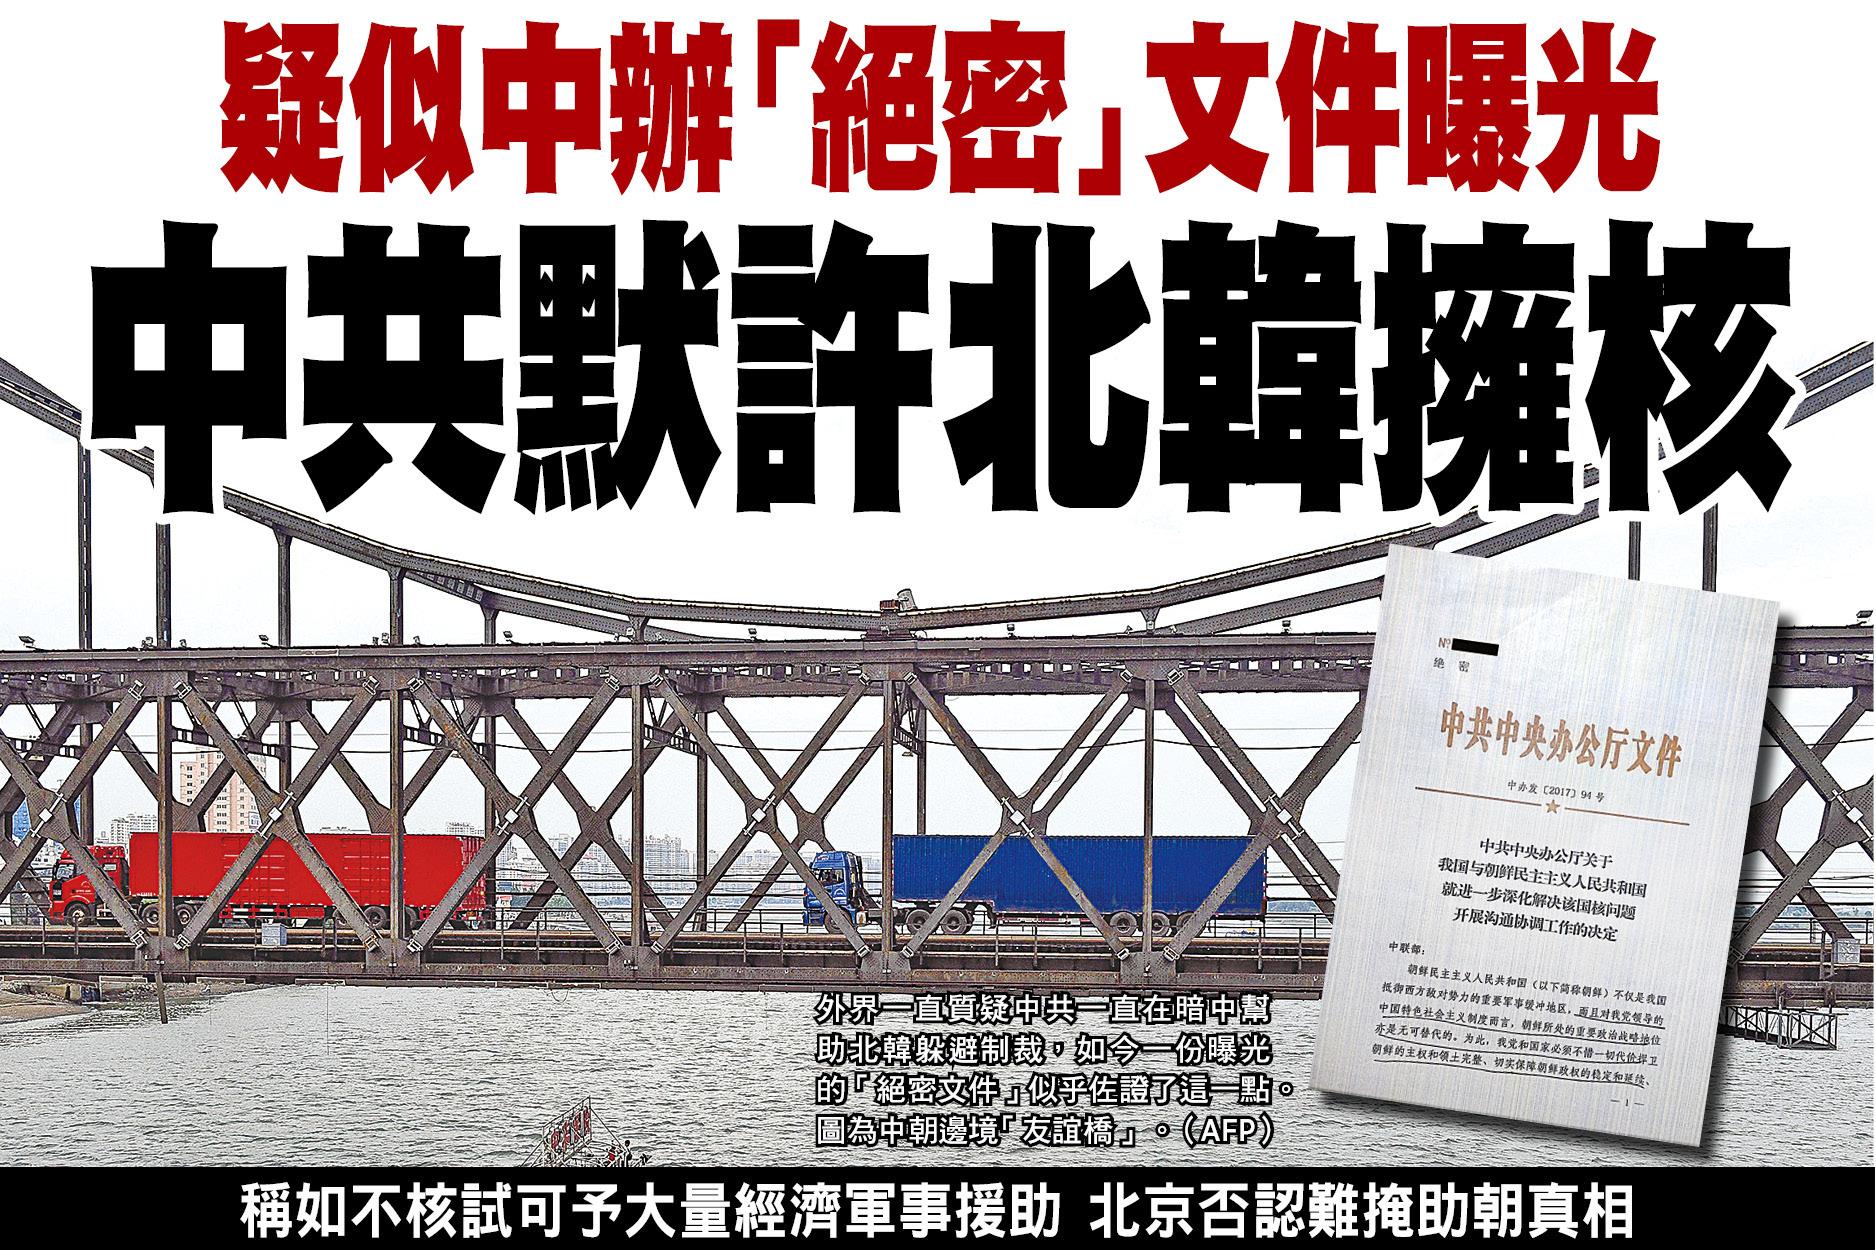 疑似中辦「絕密」文件曝光 中共默許北韓擁核